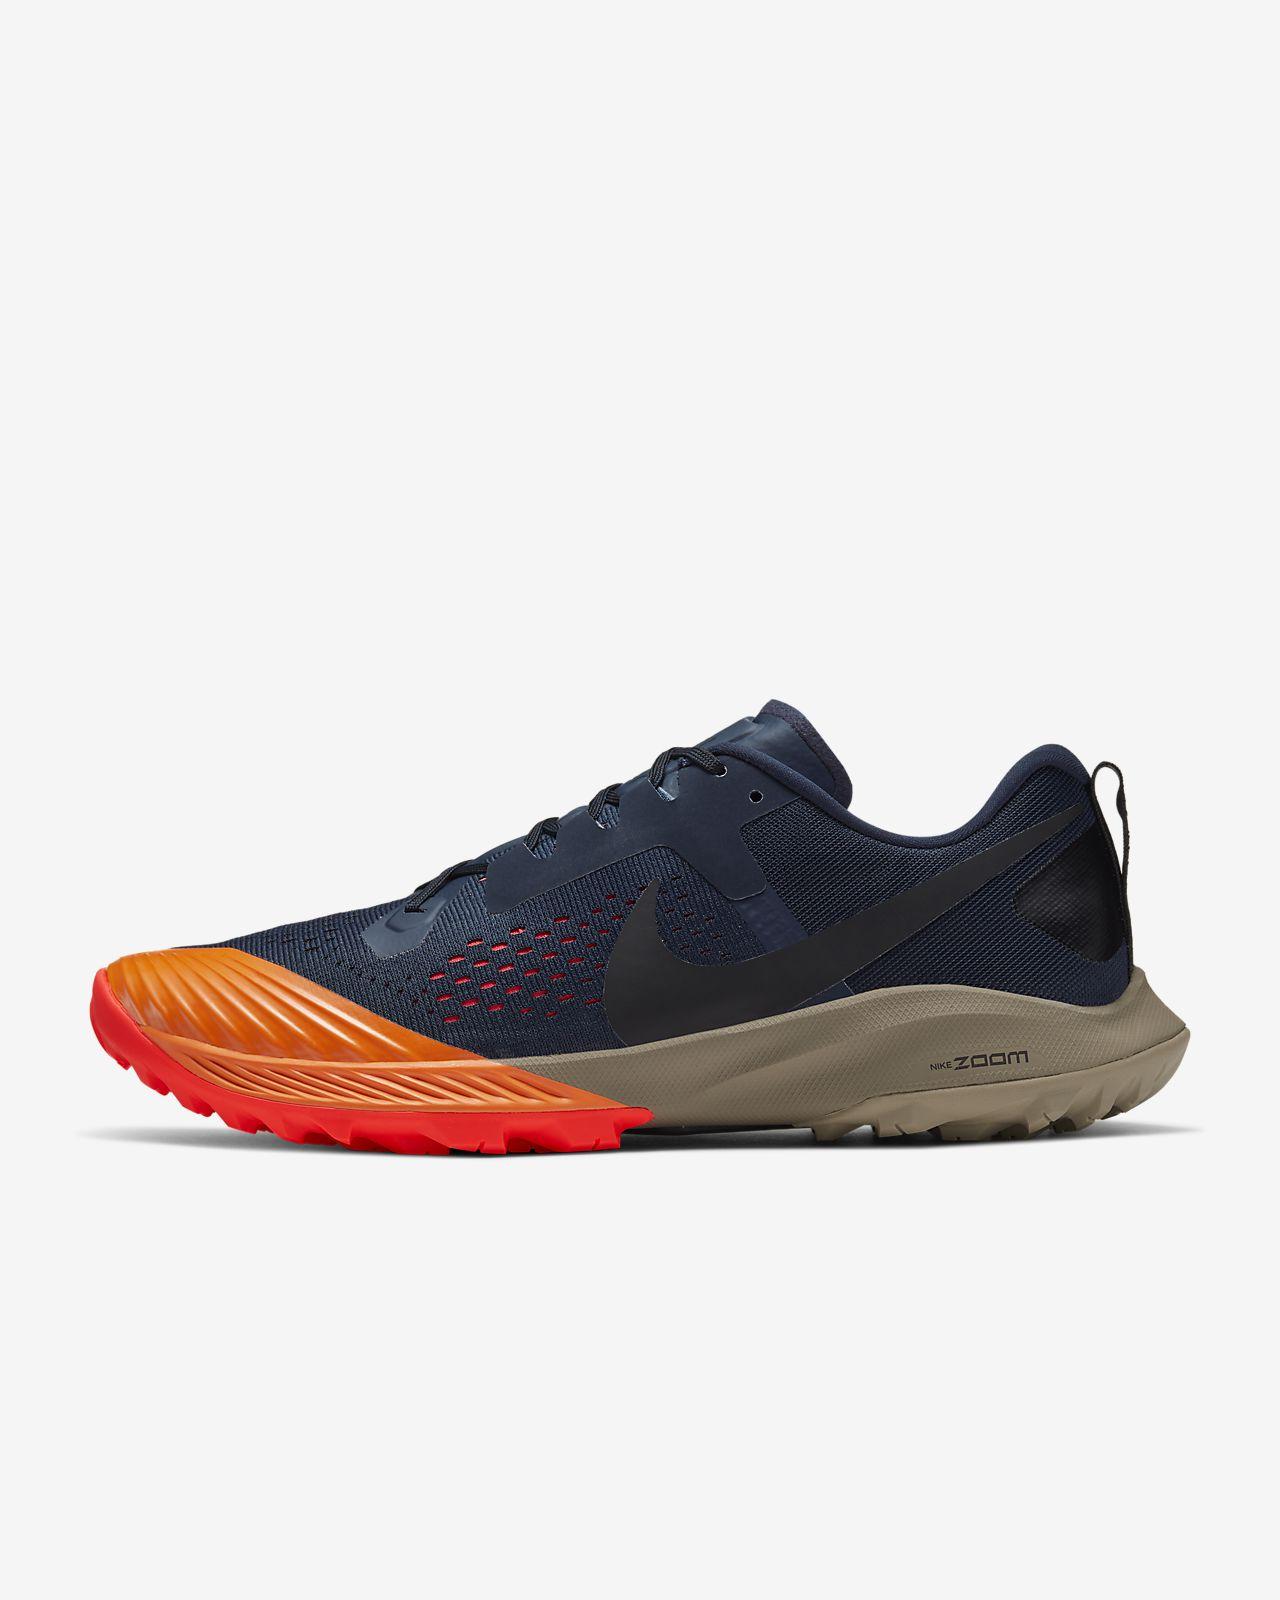 Nike Air Zoom Terra Kiger 5-trailløbesko til mænd